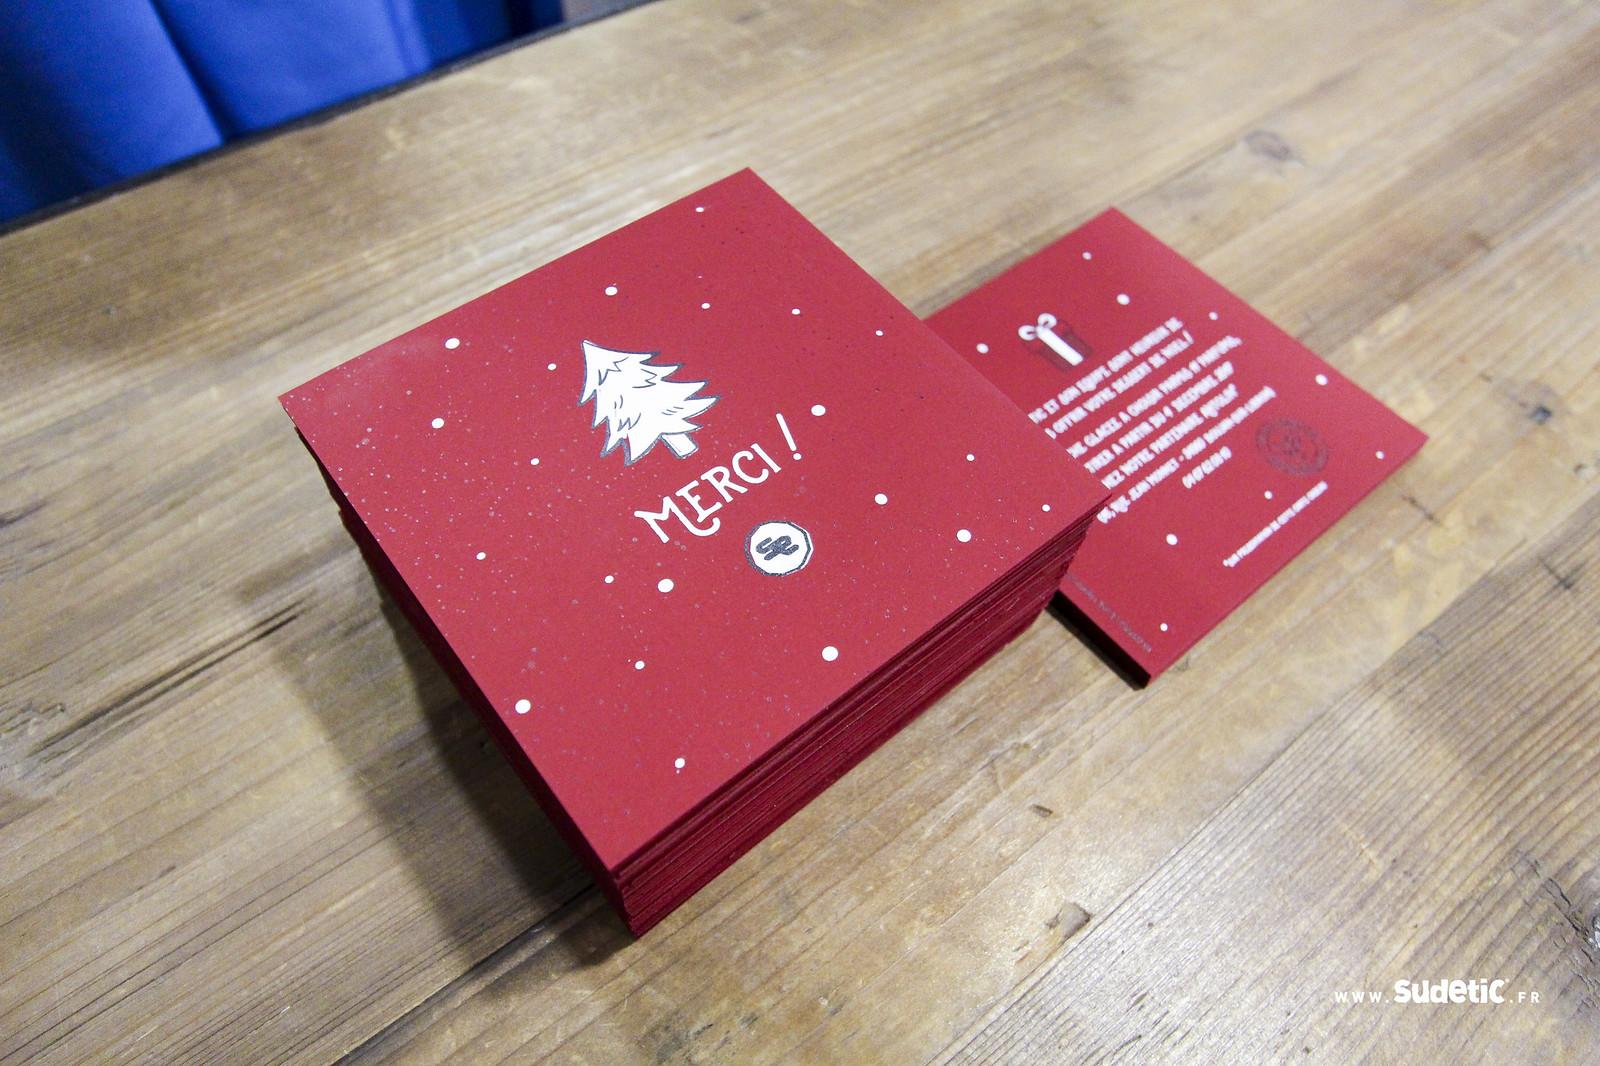 Sudetic impression cartes cadeaux-3